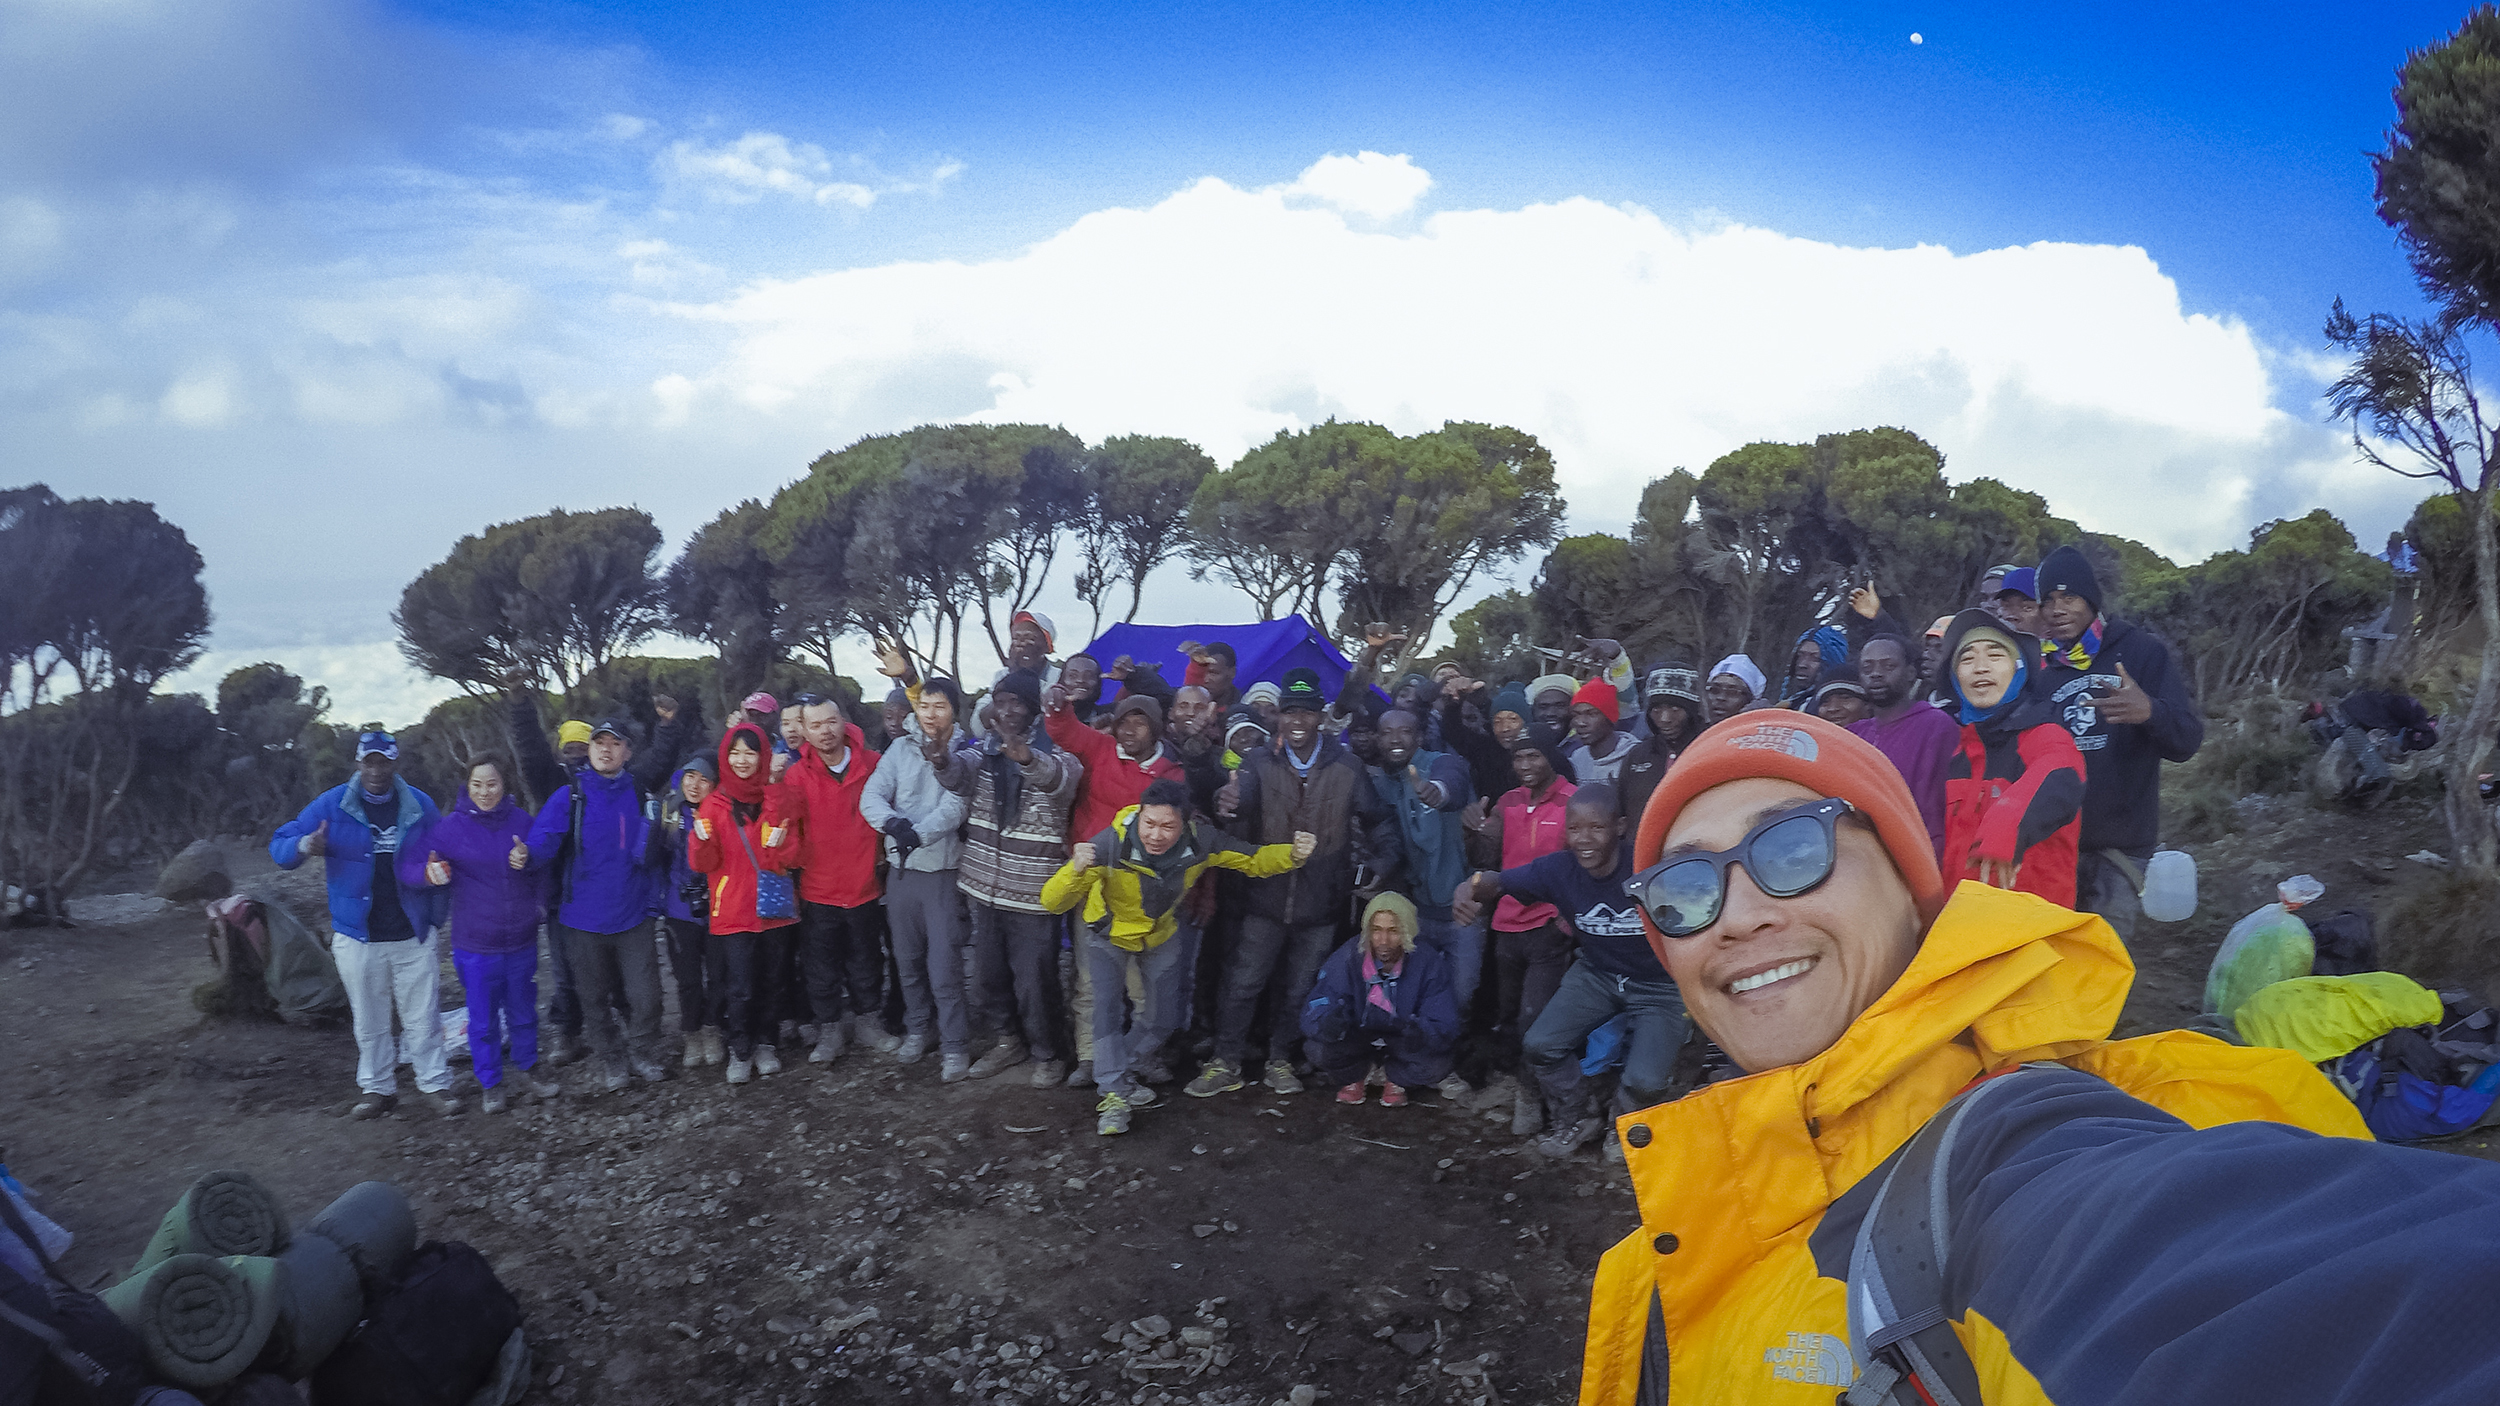 Kilimanjaro: Hết ngày dài lại đêm thâu, chúng ta đi leo núi Phi châu - Ảnh 2.